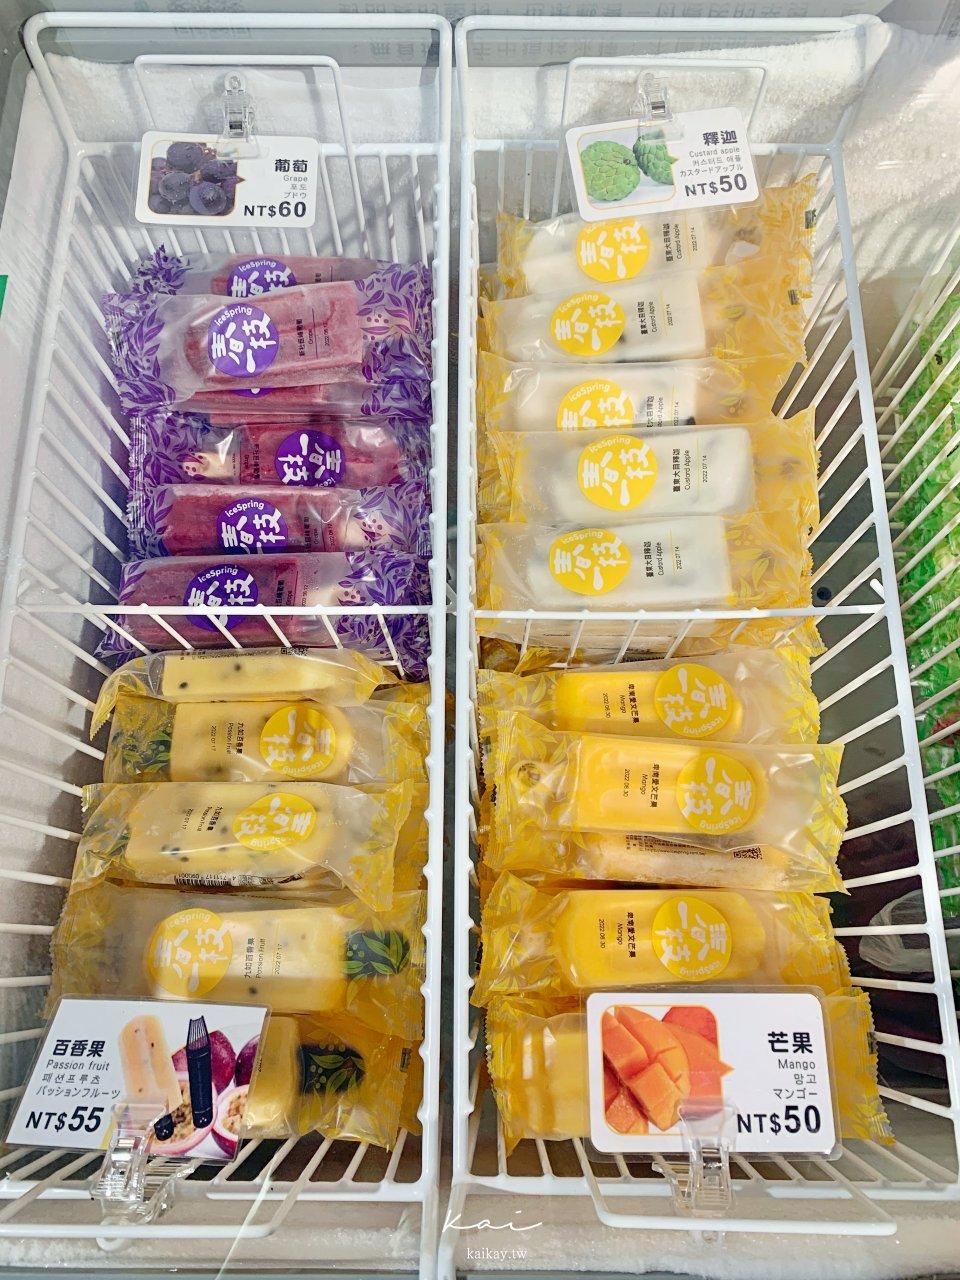 ☆【台東美食】春一枝鹿野76。台東必吃誠實商店 100%台灣新鮮水果、手作無添加